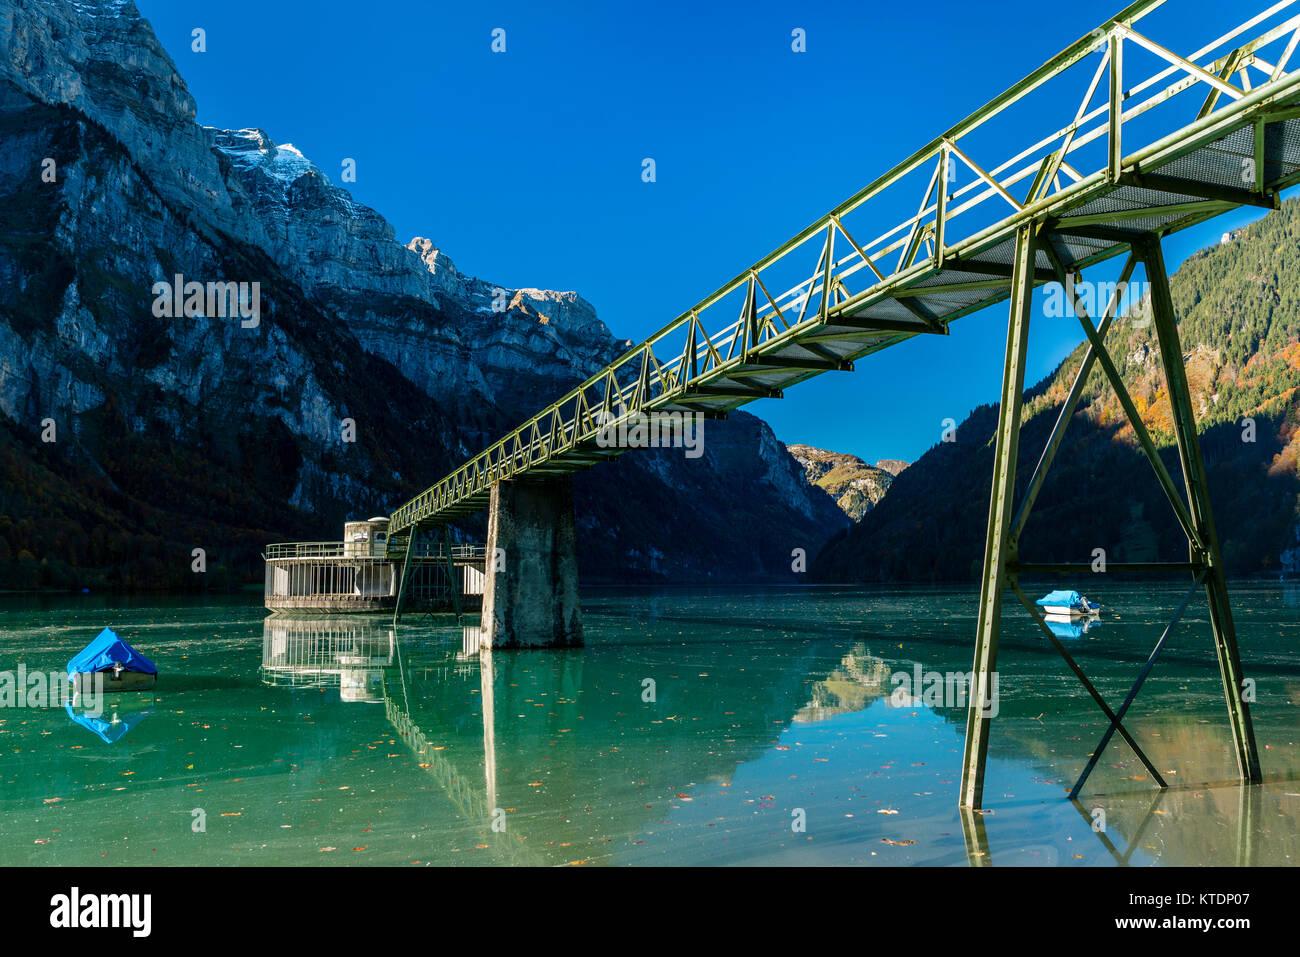 Switzerland, Canton of Glarus, Kloen Valley, Lake Kloentalersee, overflow - Stock Image